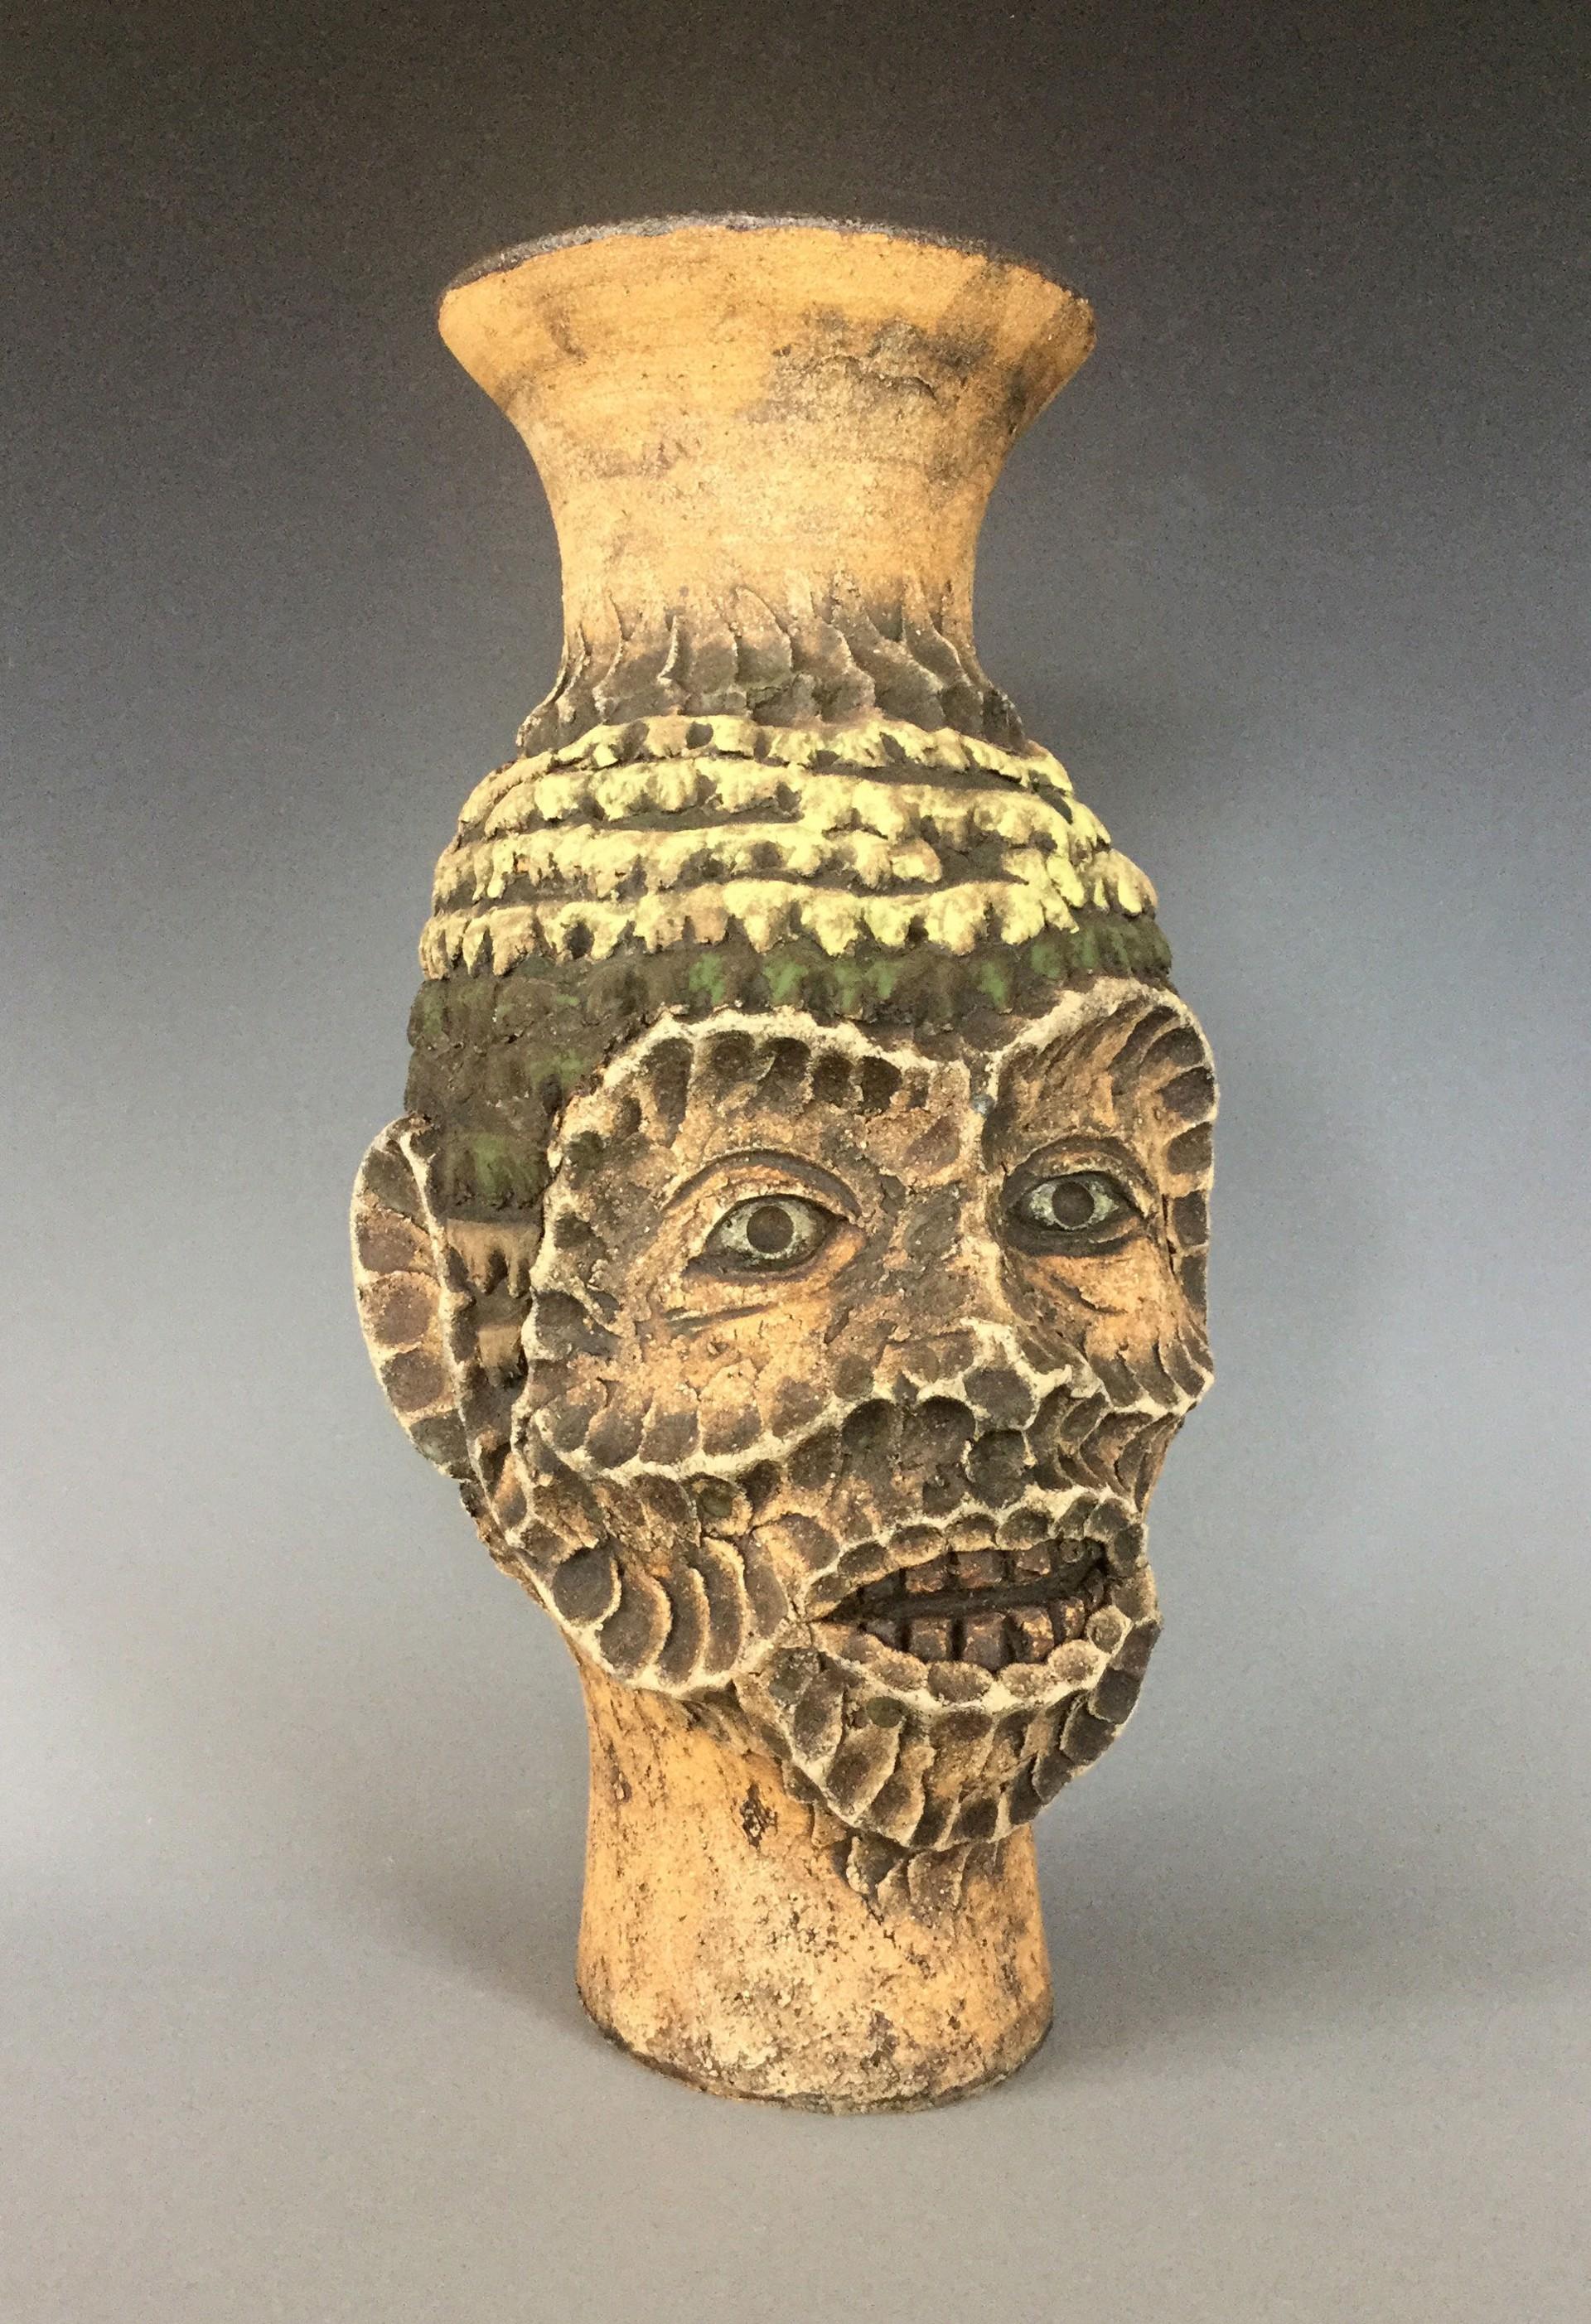 Gargoyle Vase by George Rodriguez